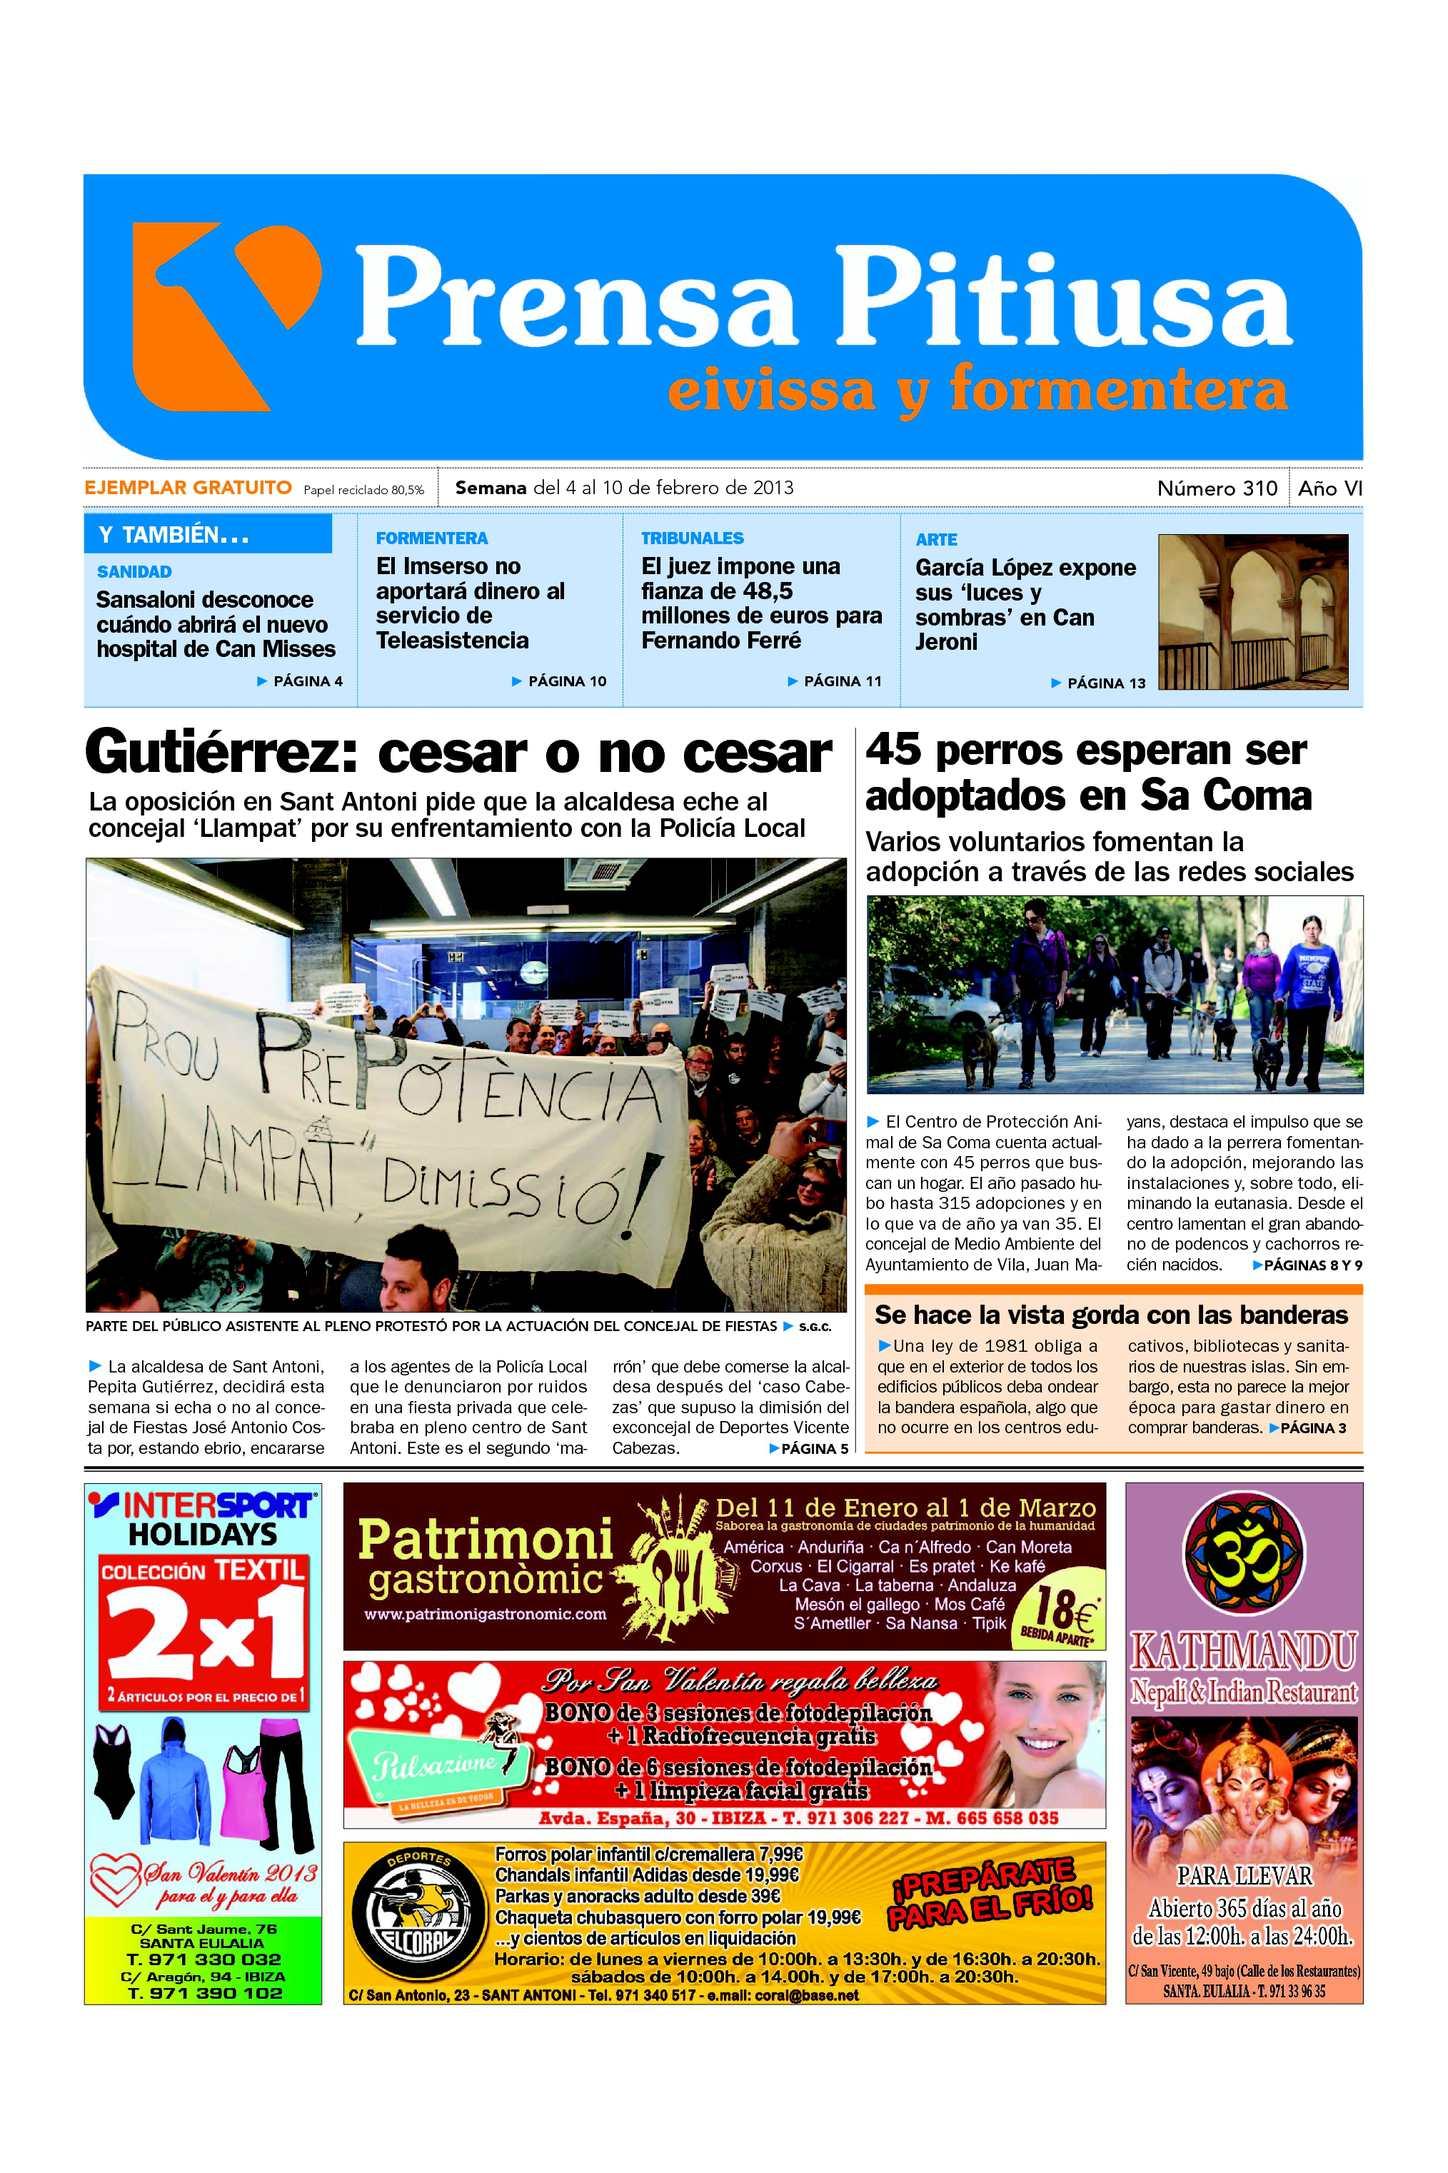 Calaméo - Prensa Pitiusa edición 310 a75f855277b7e